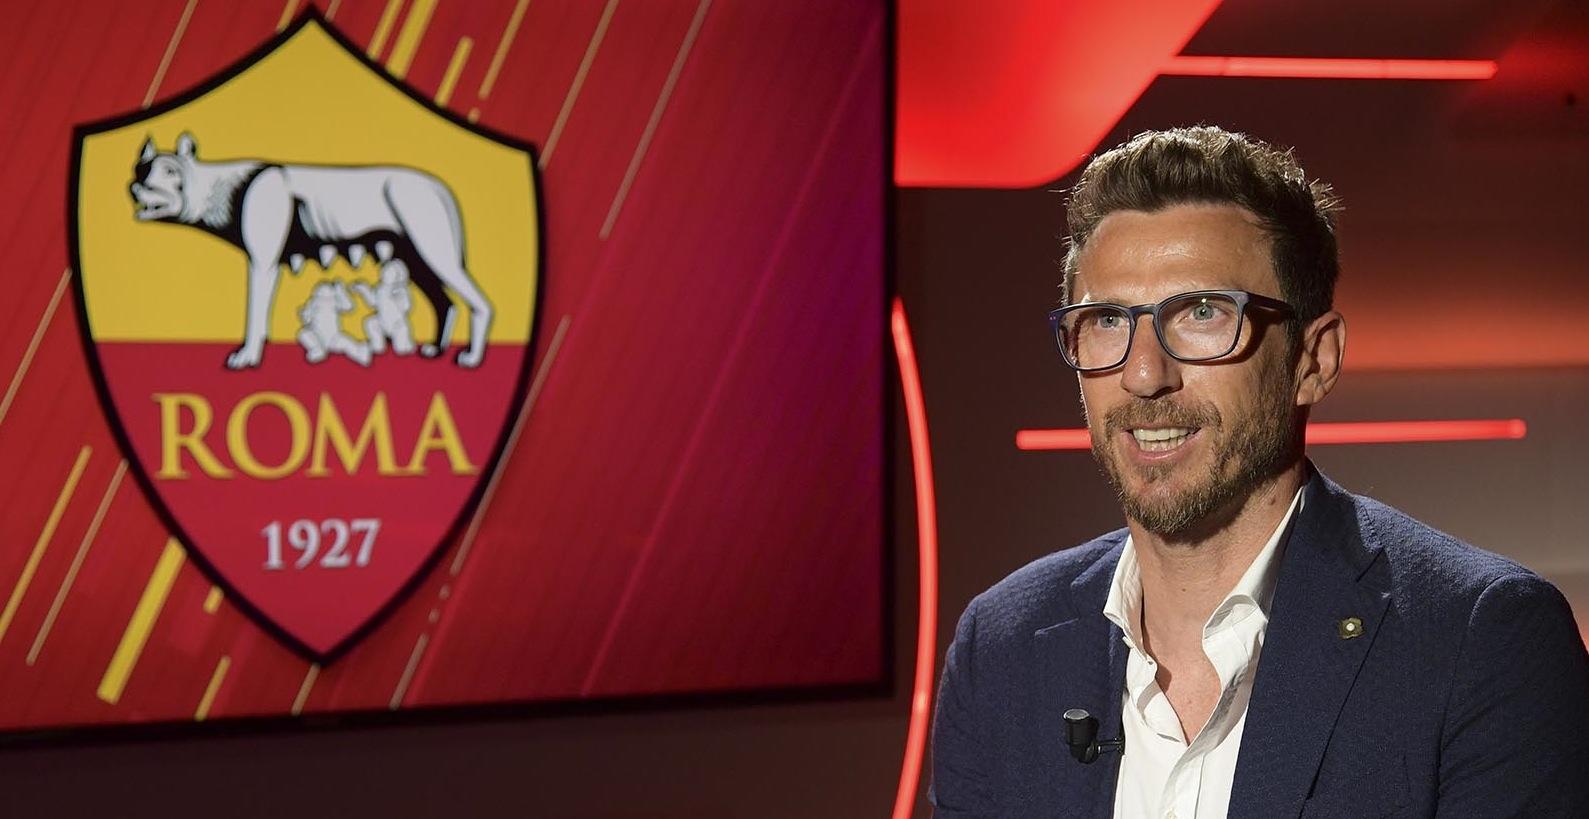 Италианският клуб Рома официално обяви името на новия си старши